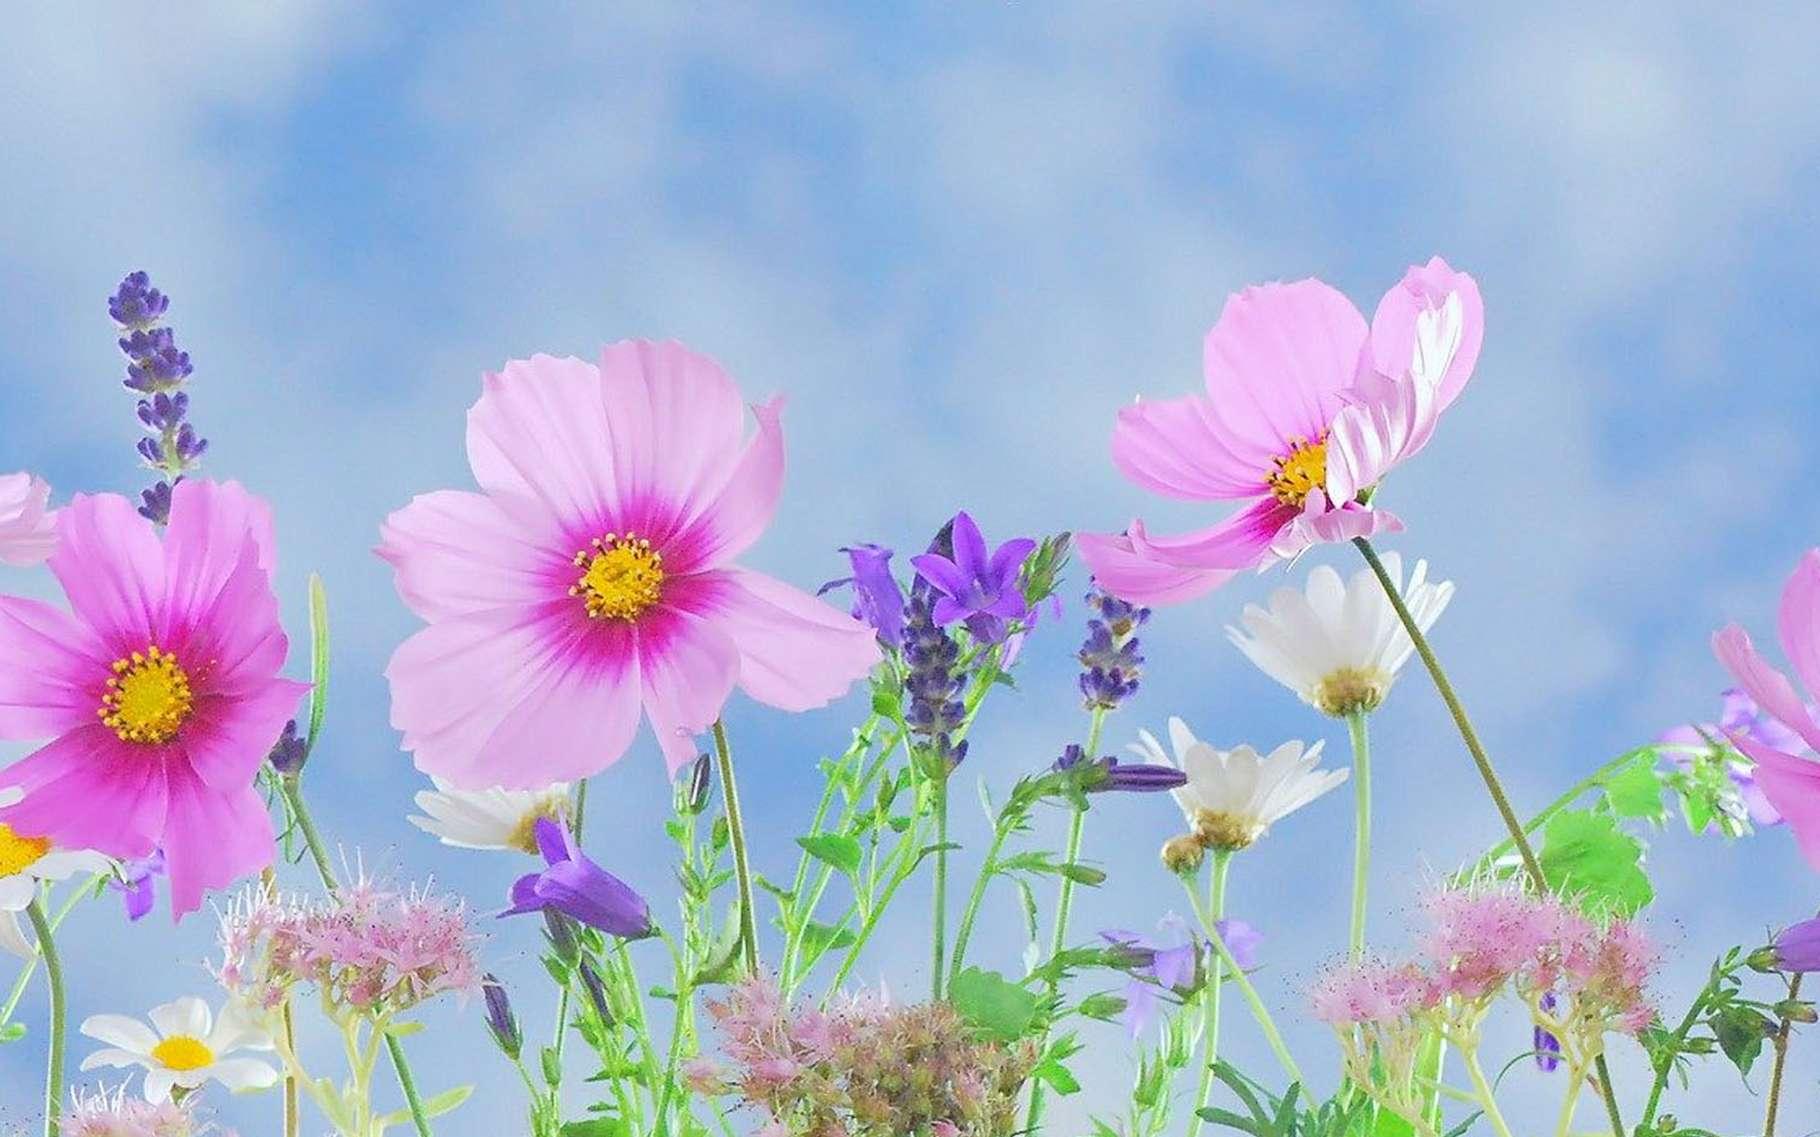 Cosmos et lavandin, les premières fleurs du printemps. © DreamyArt, Pixabay, DP